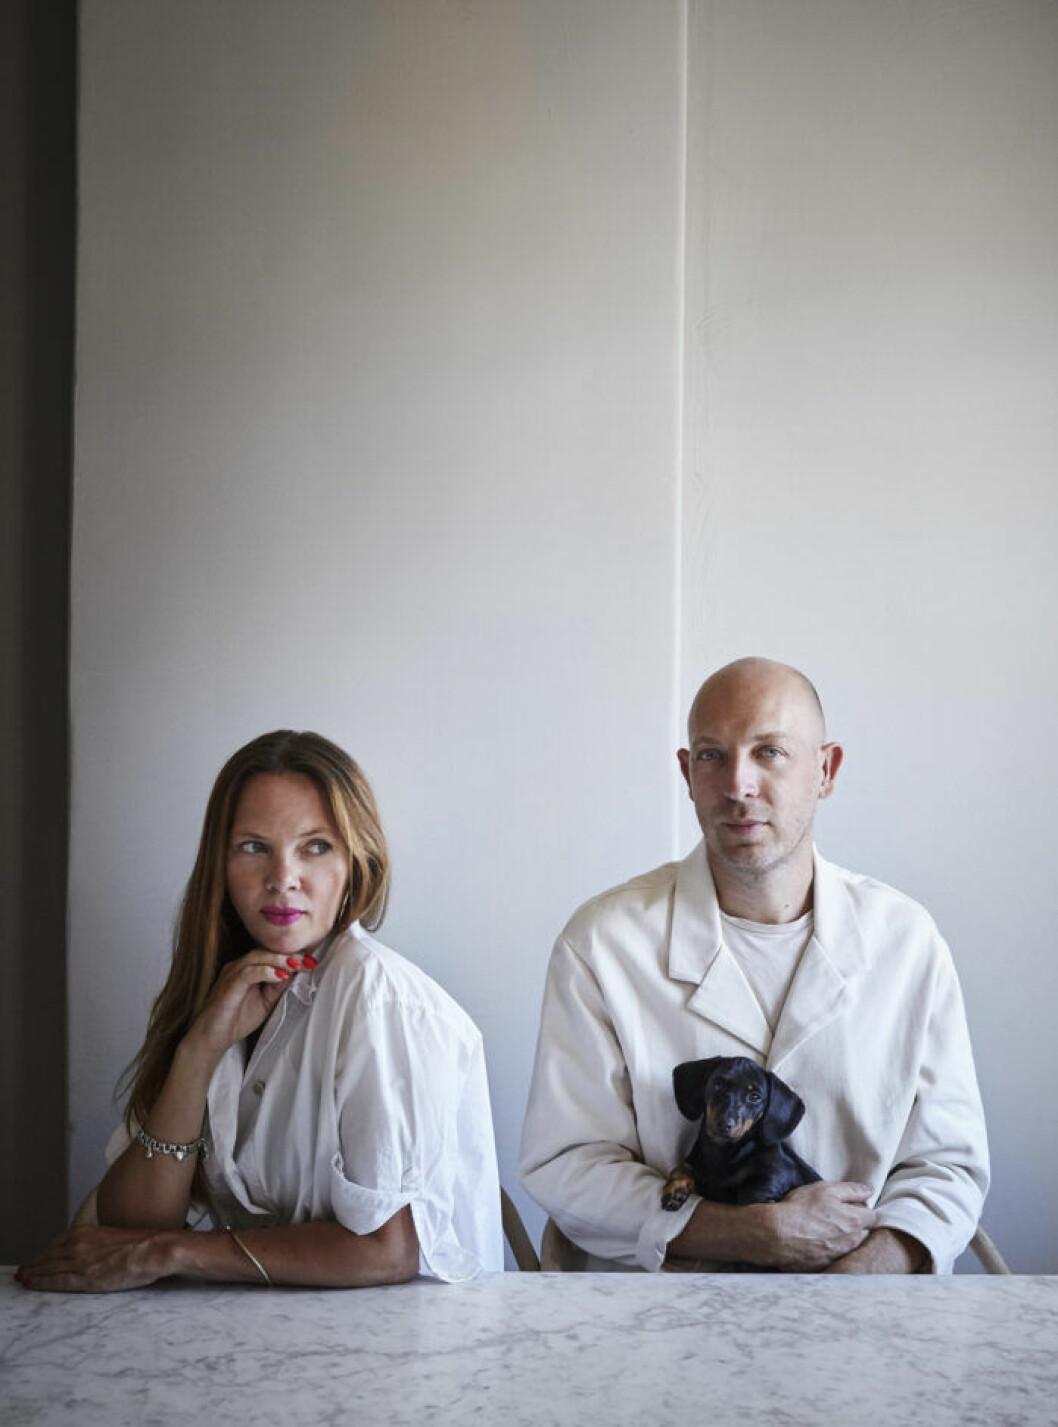 Sofie Ekeberg och Christian Duivenvoorden